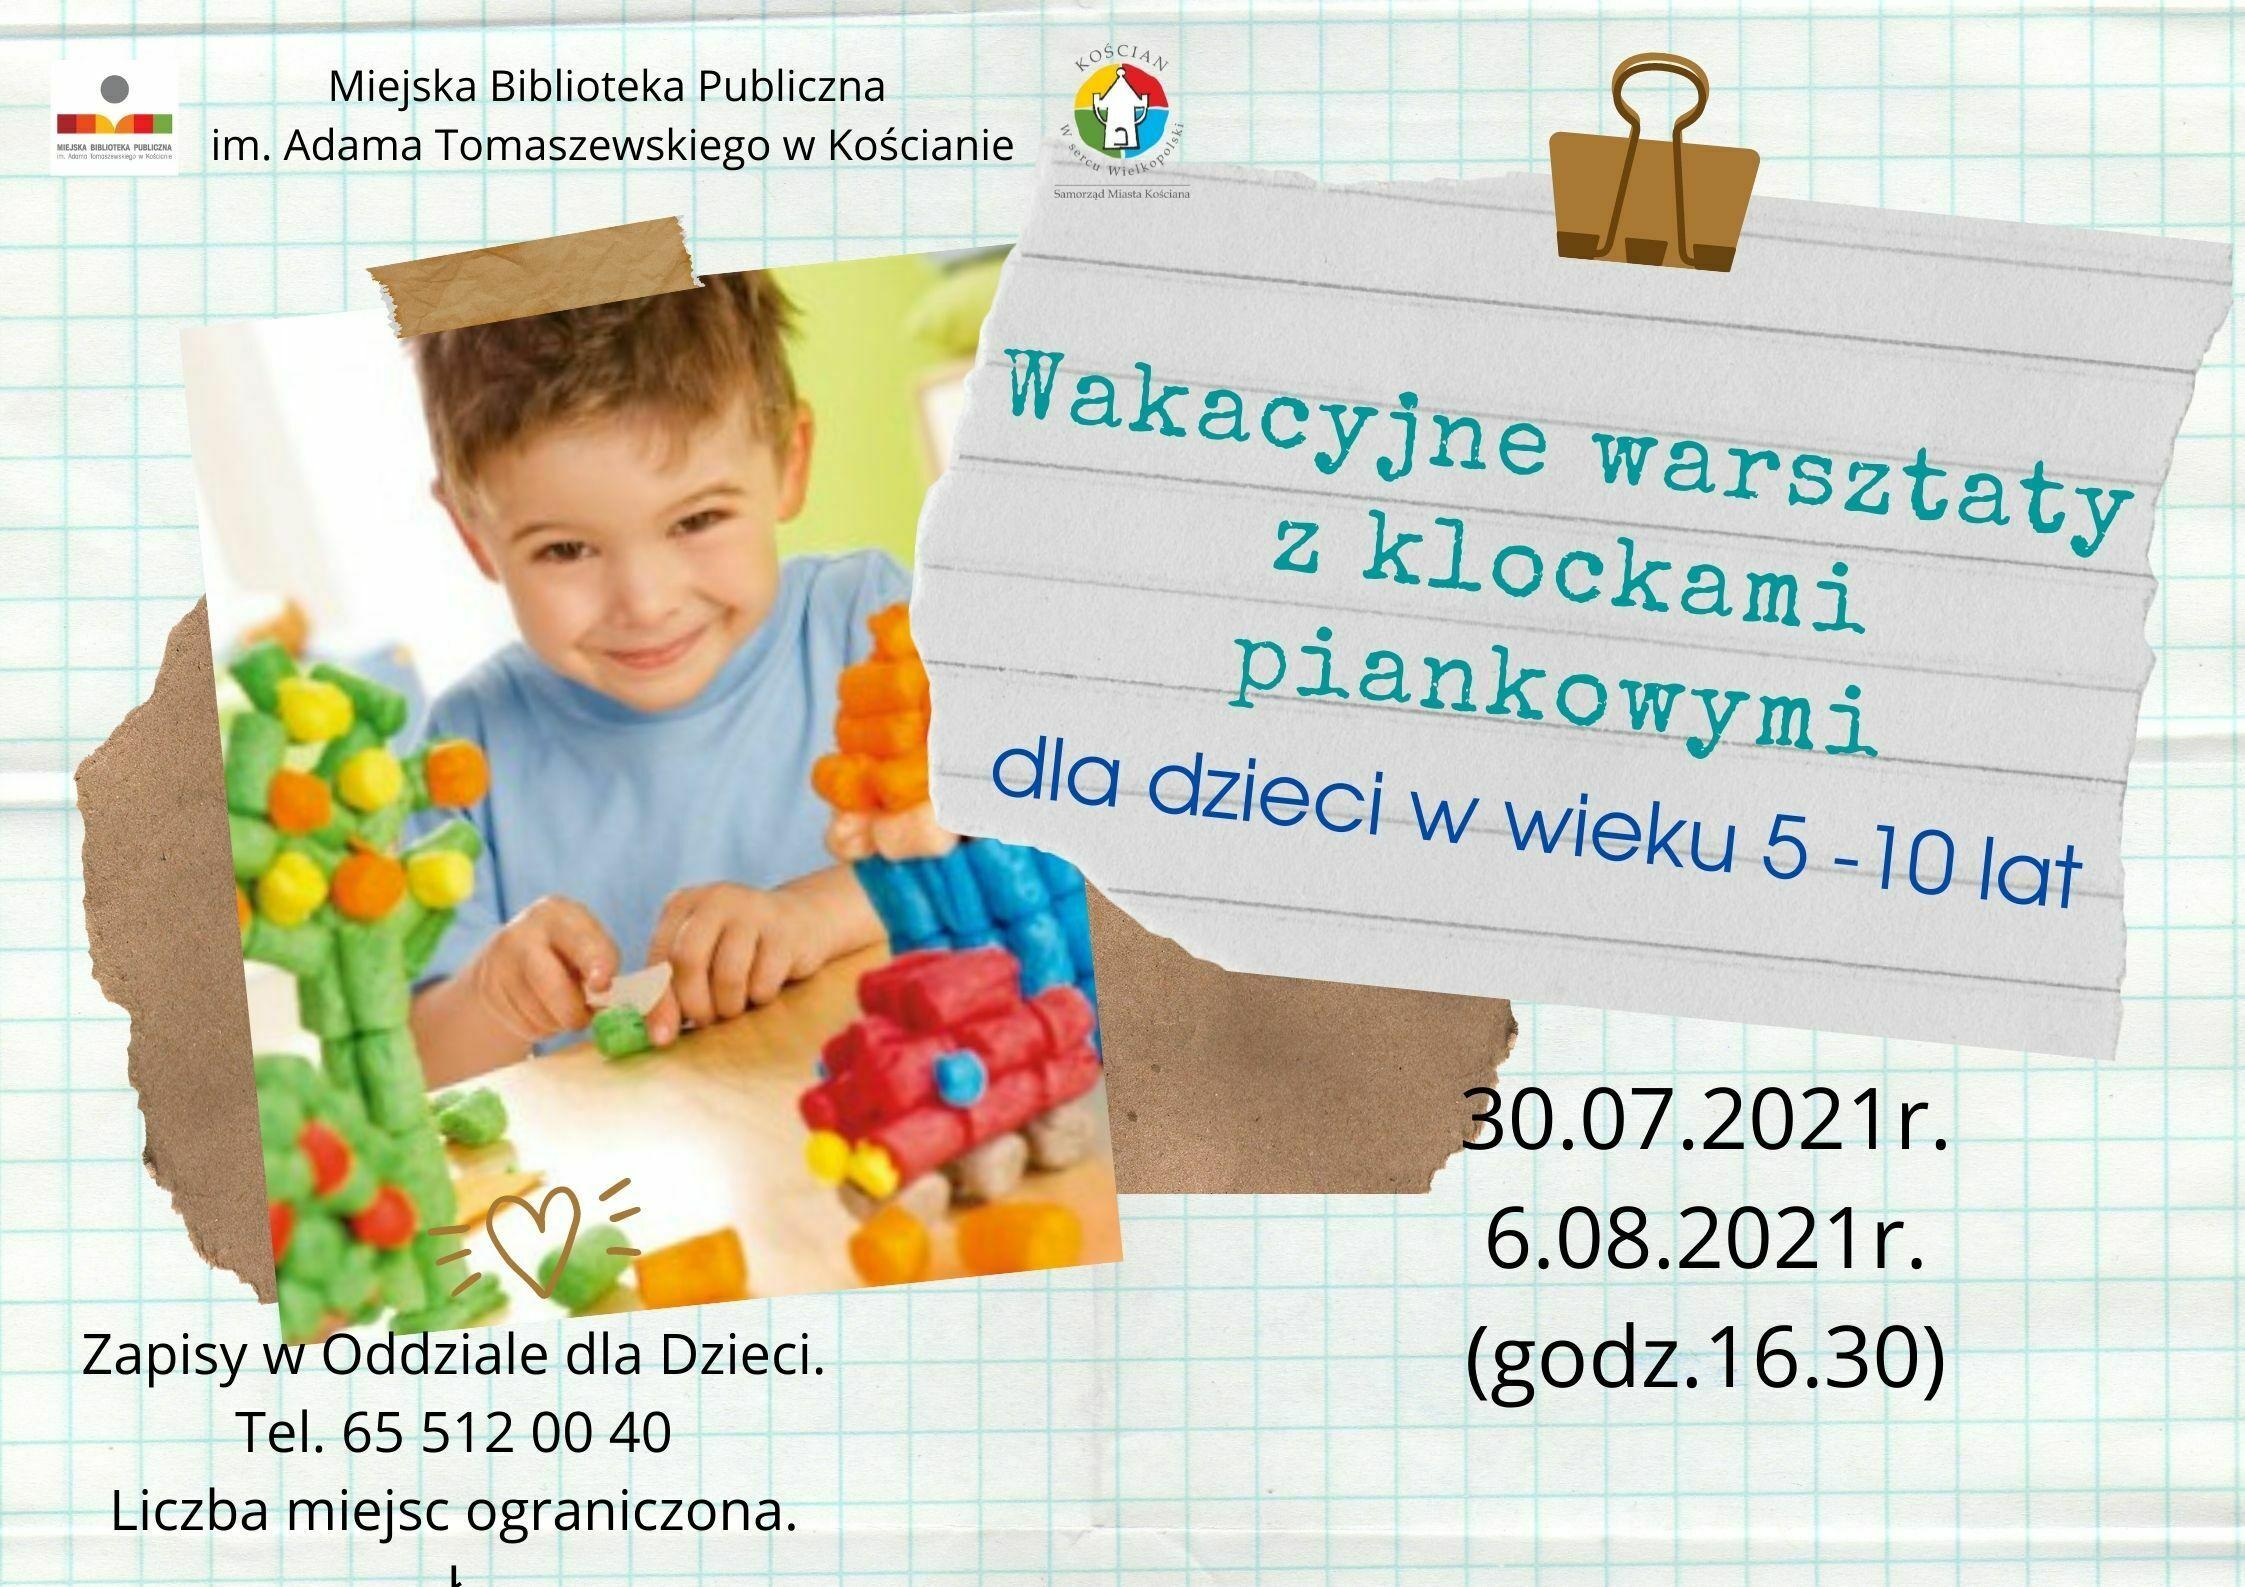 Plakat promujący wakacyjne warsztaty z klockami